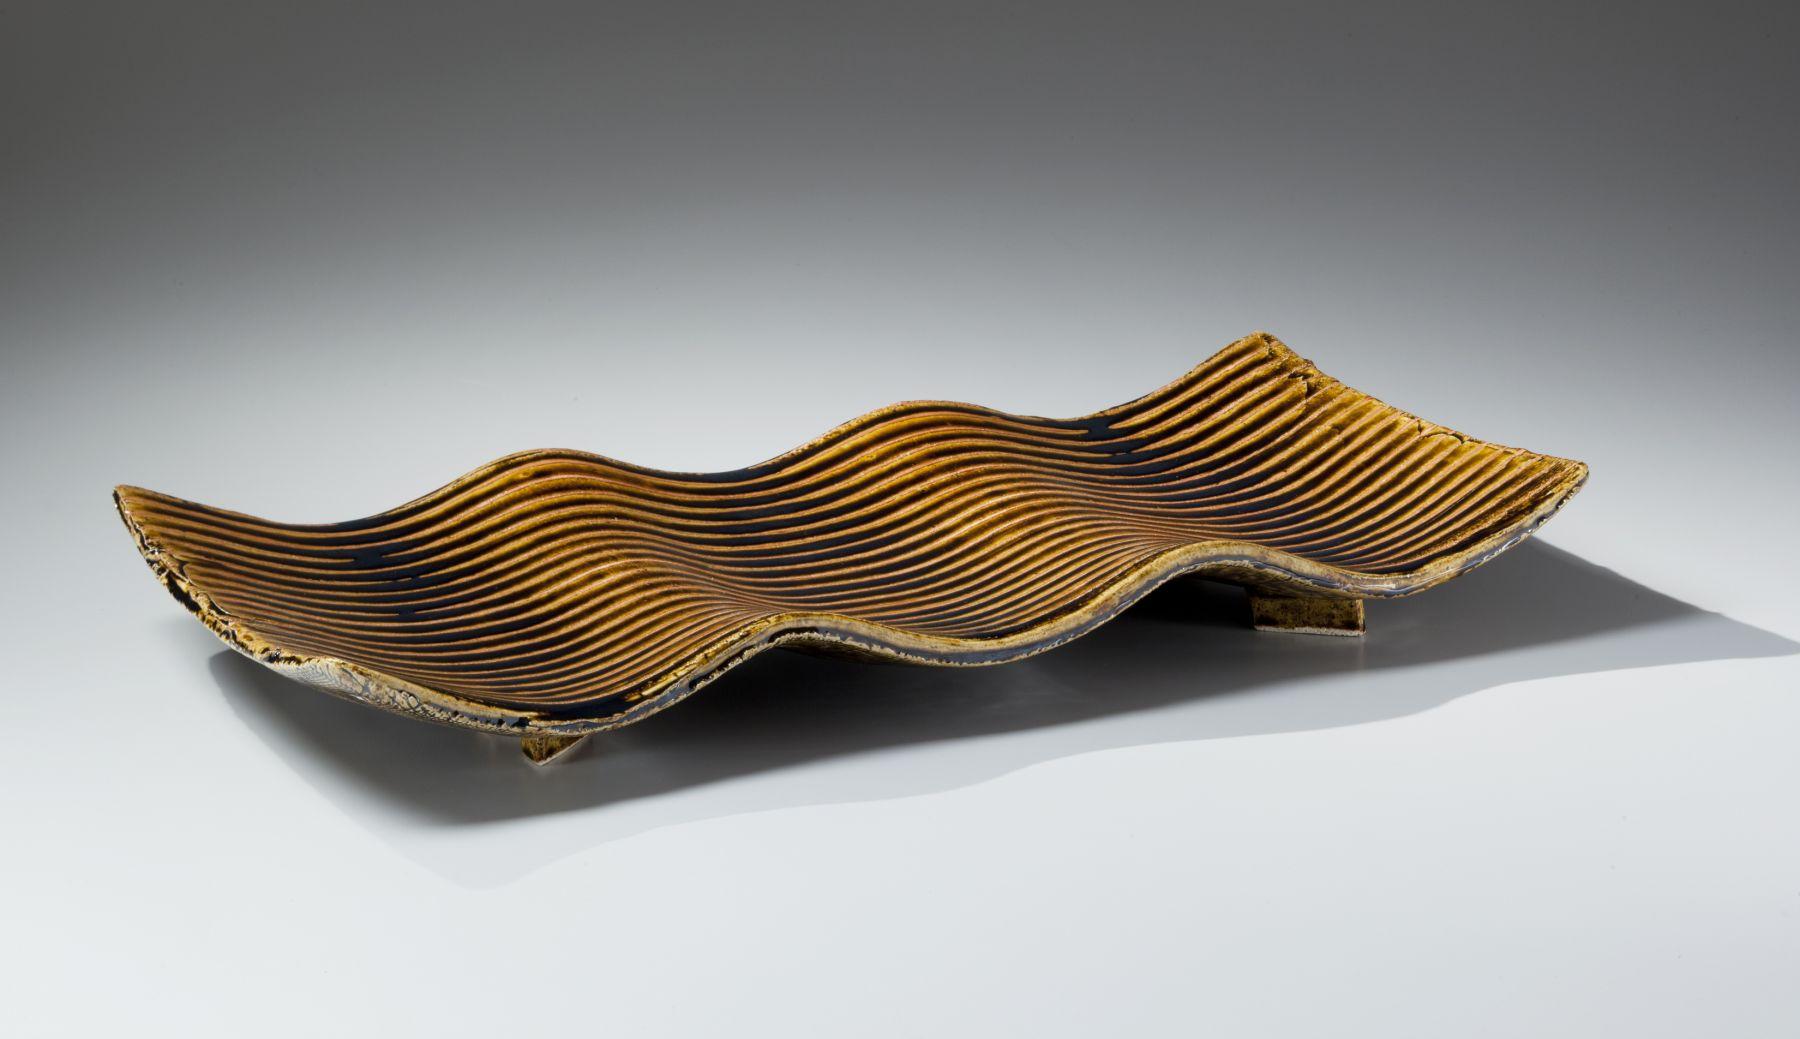 Suzuki Tetsu (b. 1964), Undulating rectangular platter